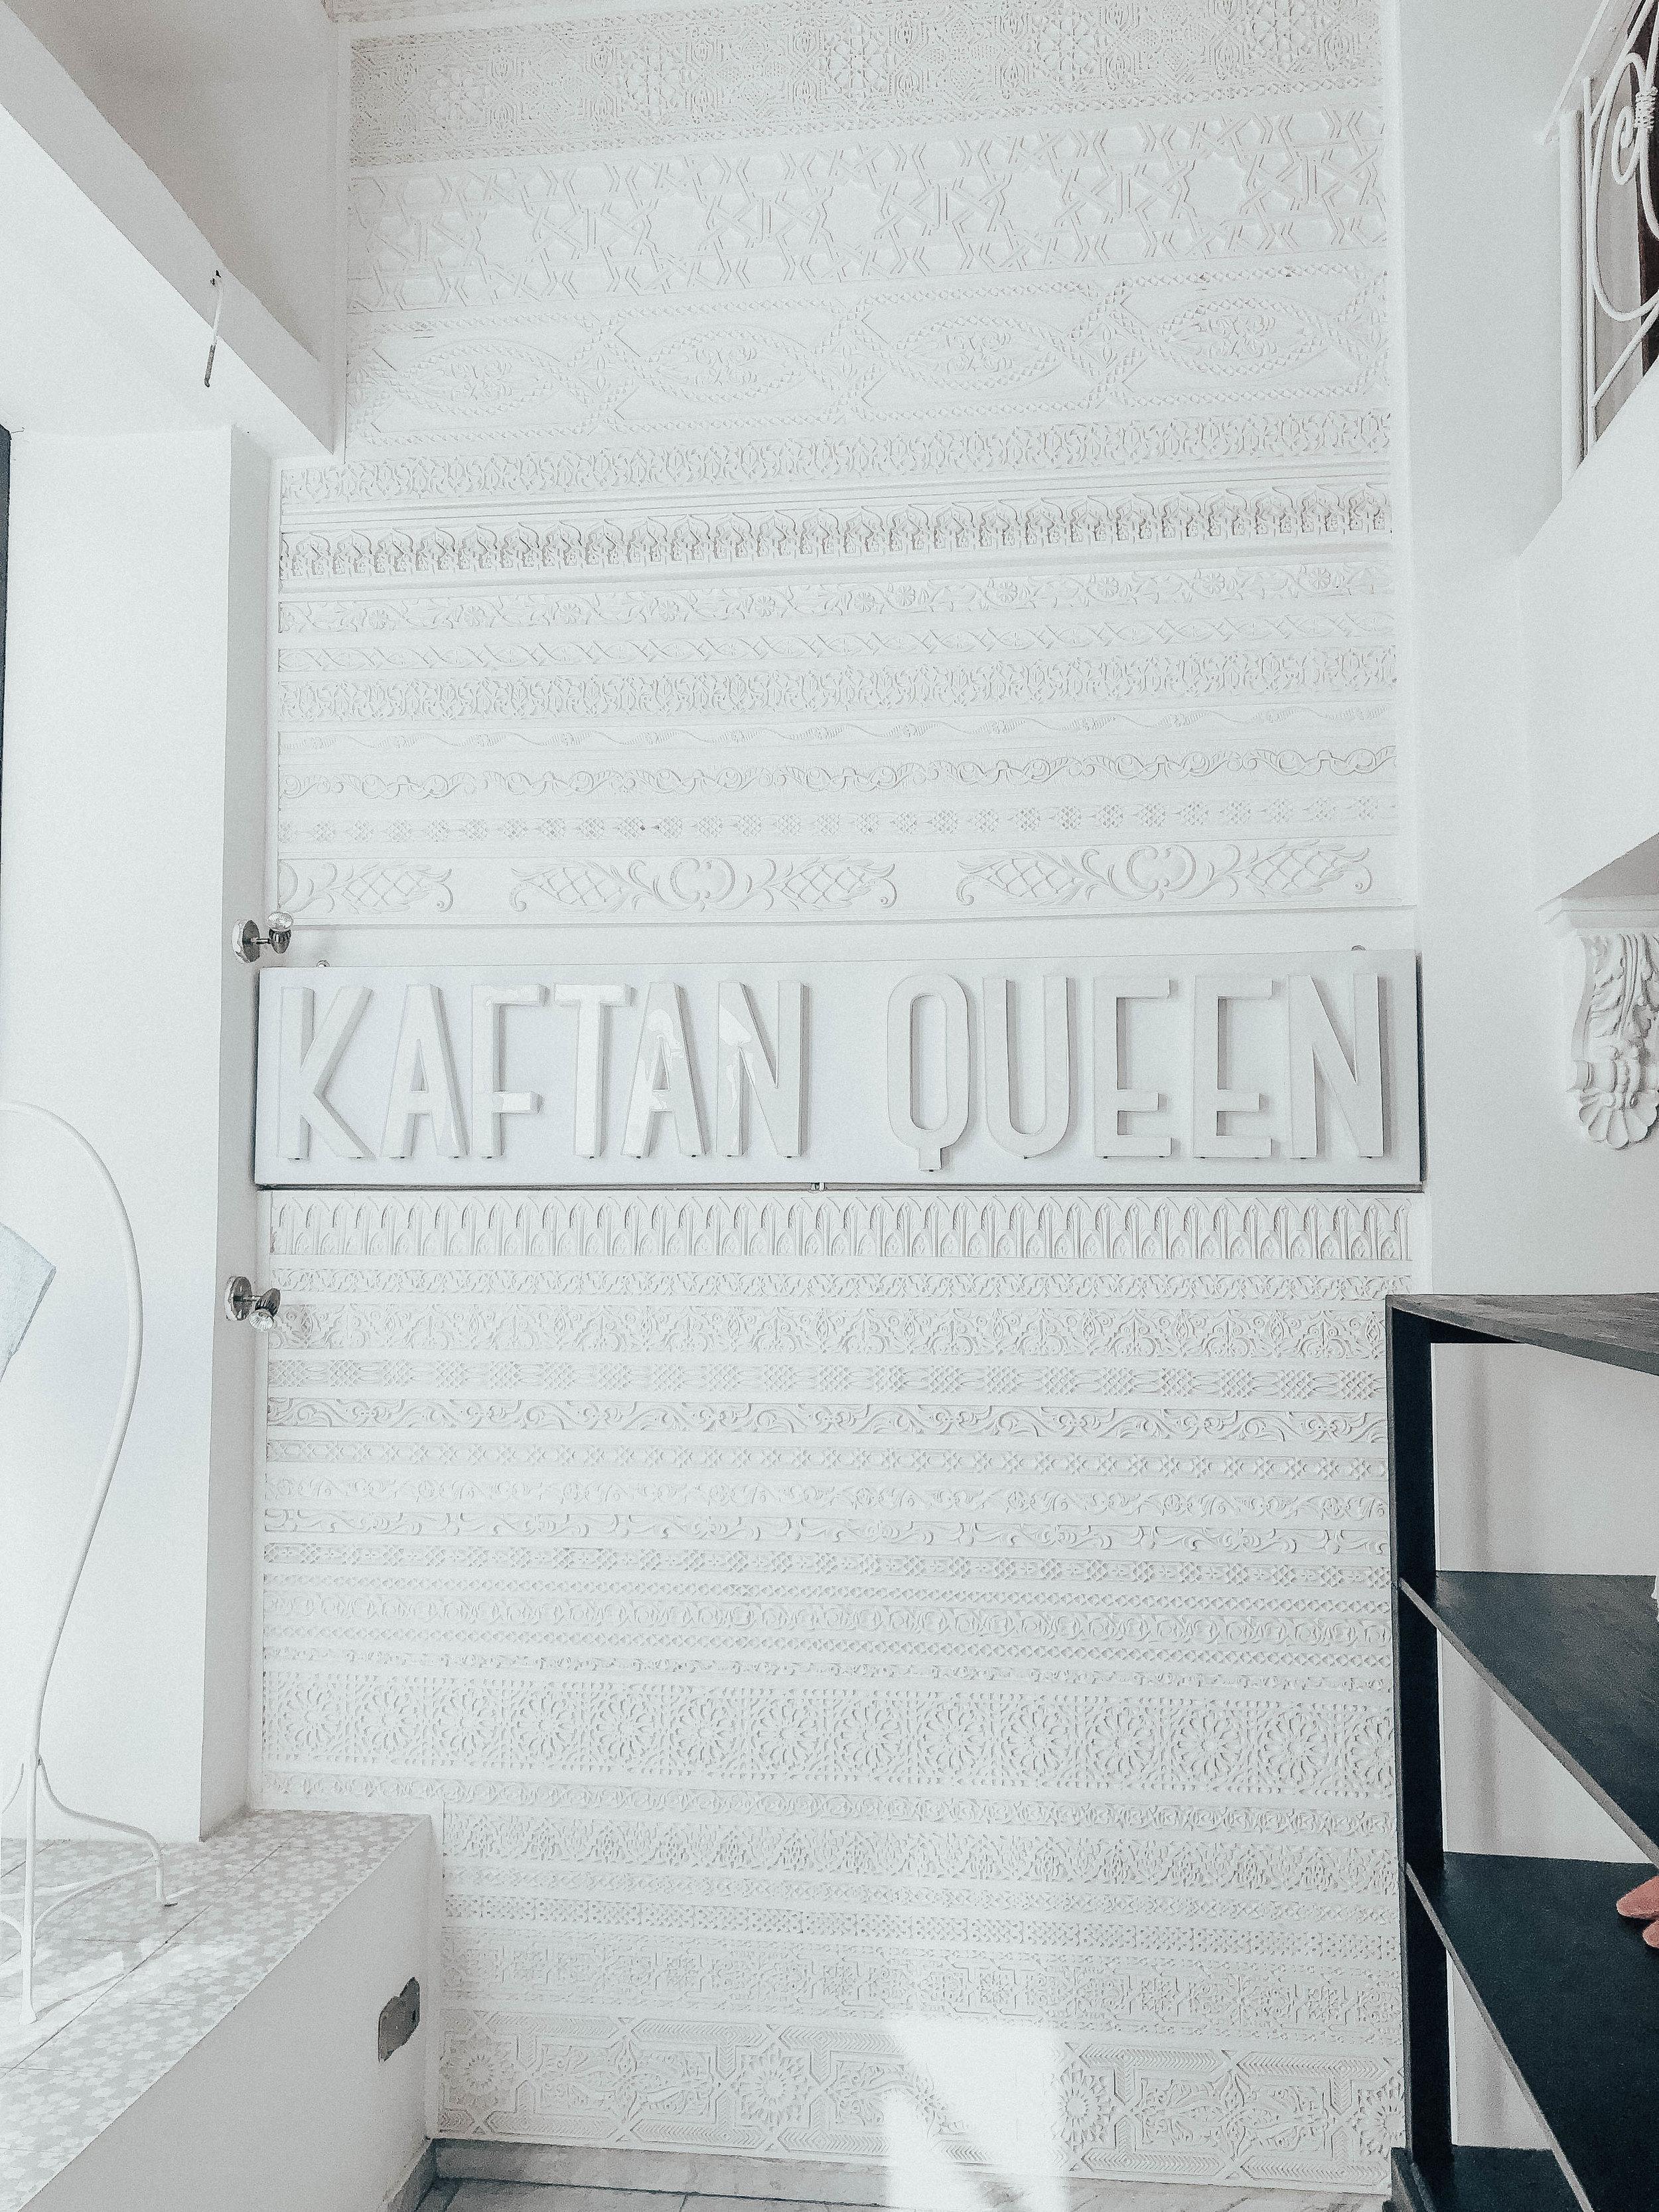 Kaftan Queen, Marrakech